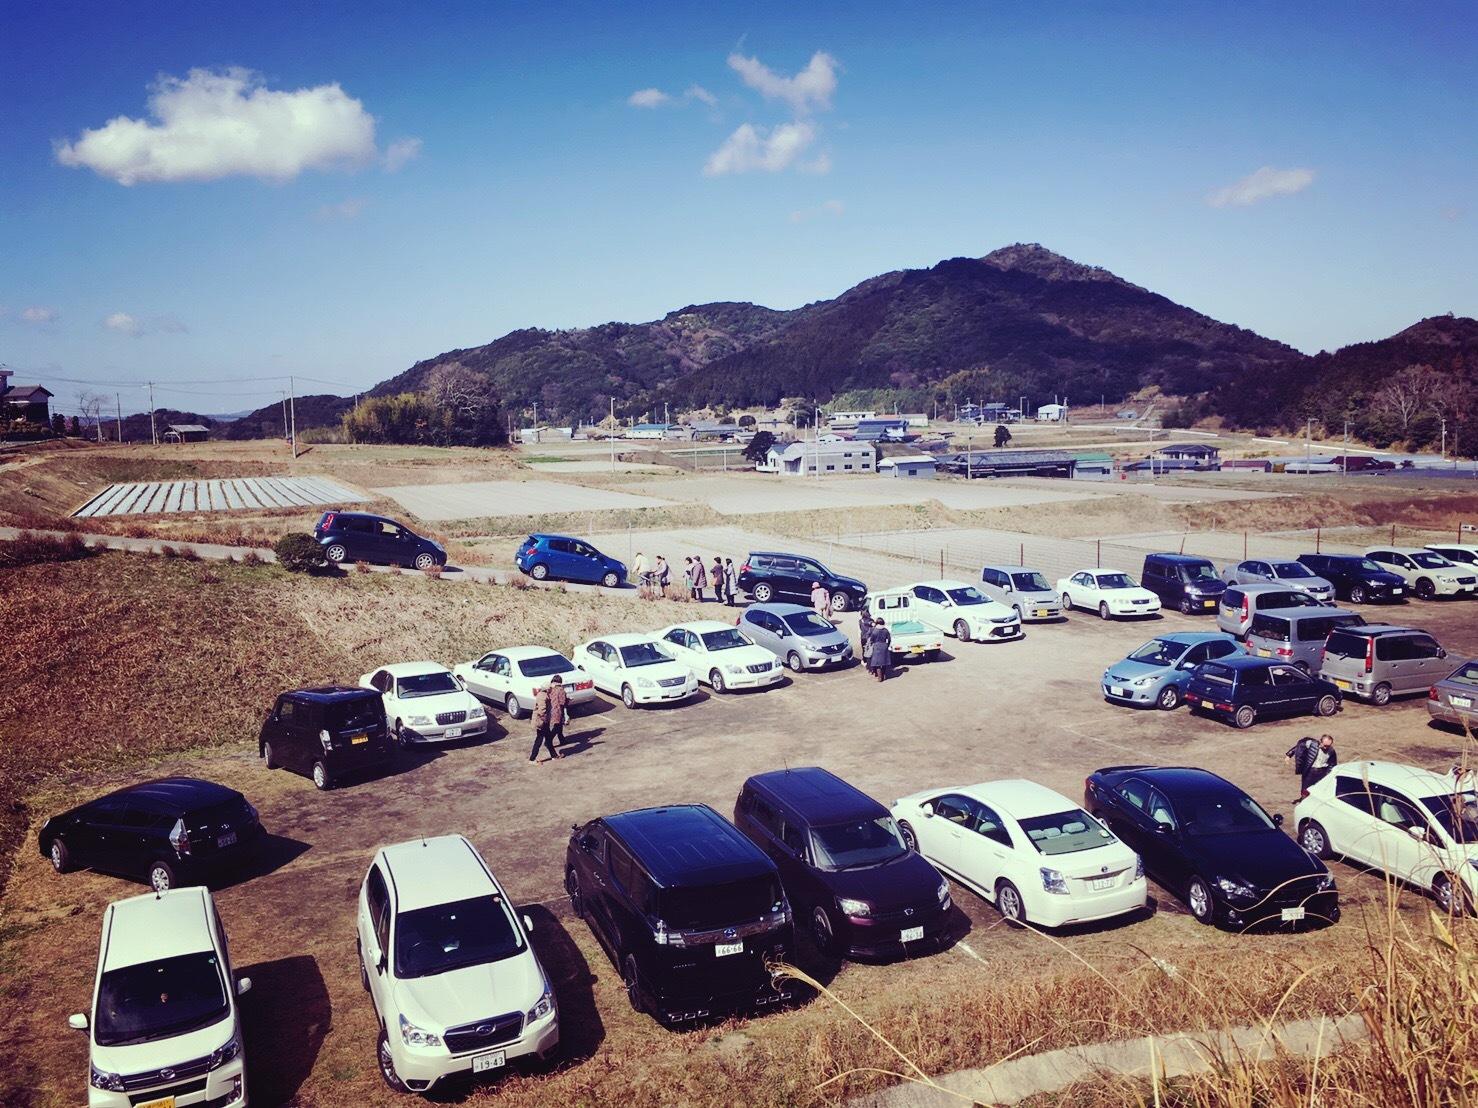 八木のしだれ梅の駐車場(平日昼前)